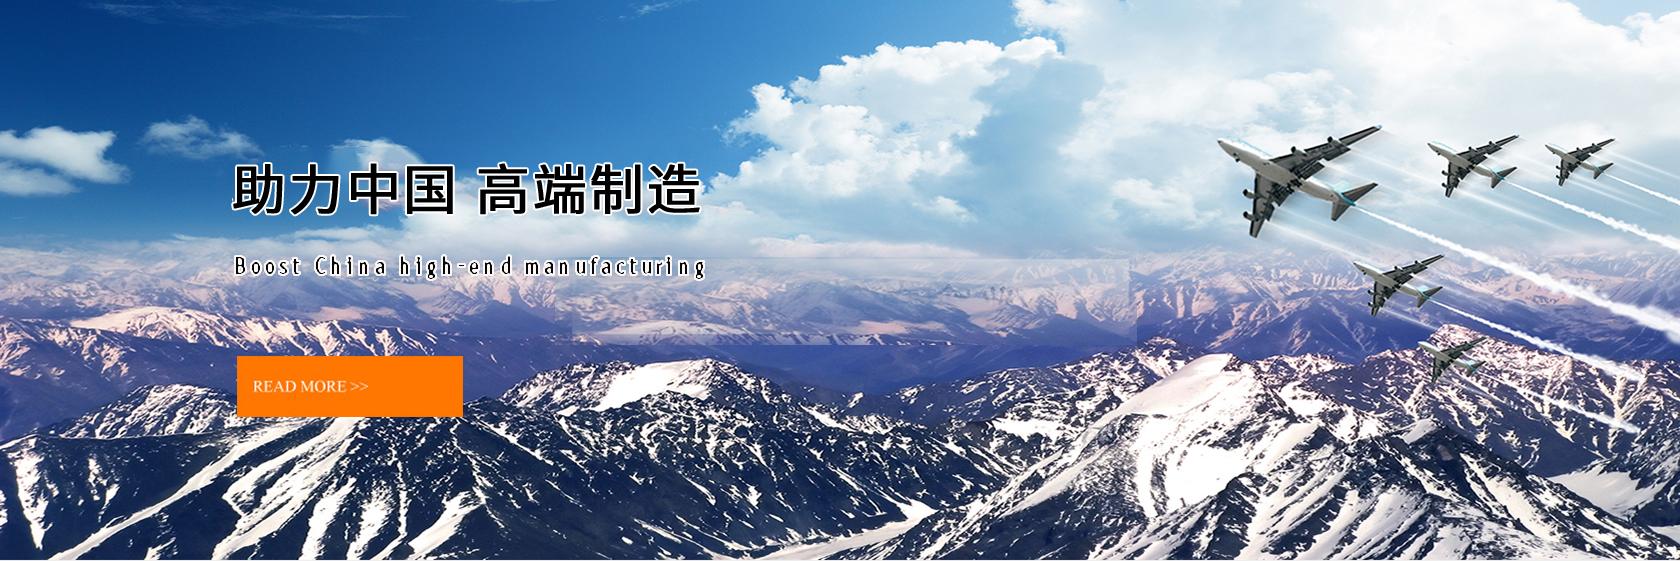 上海睿米仪器仪表有限公司